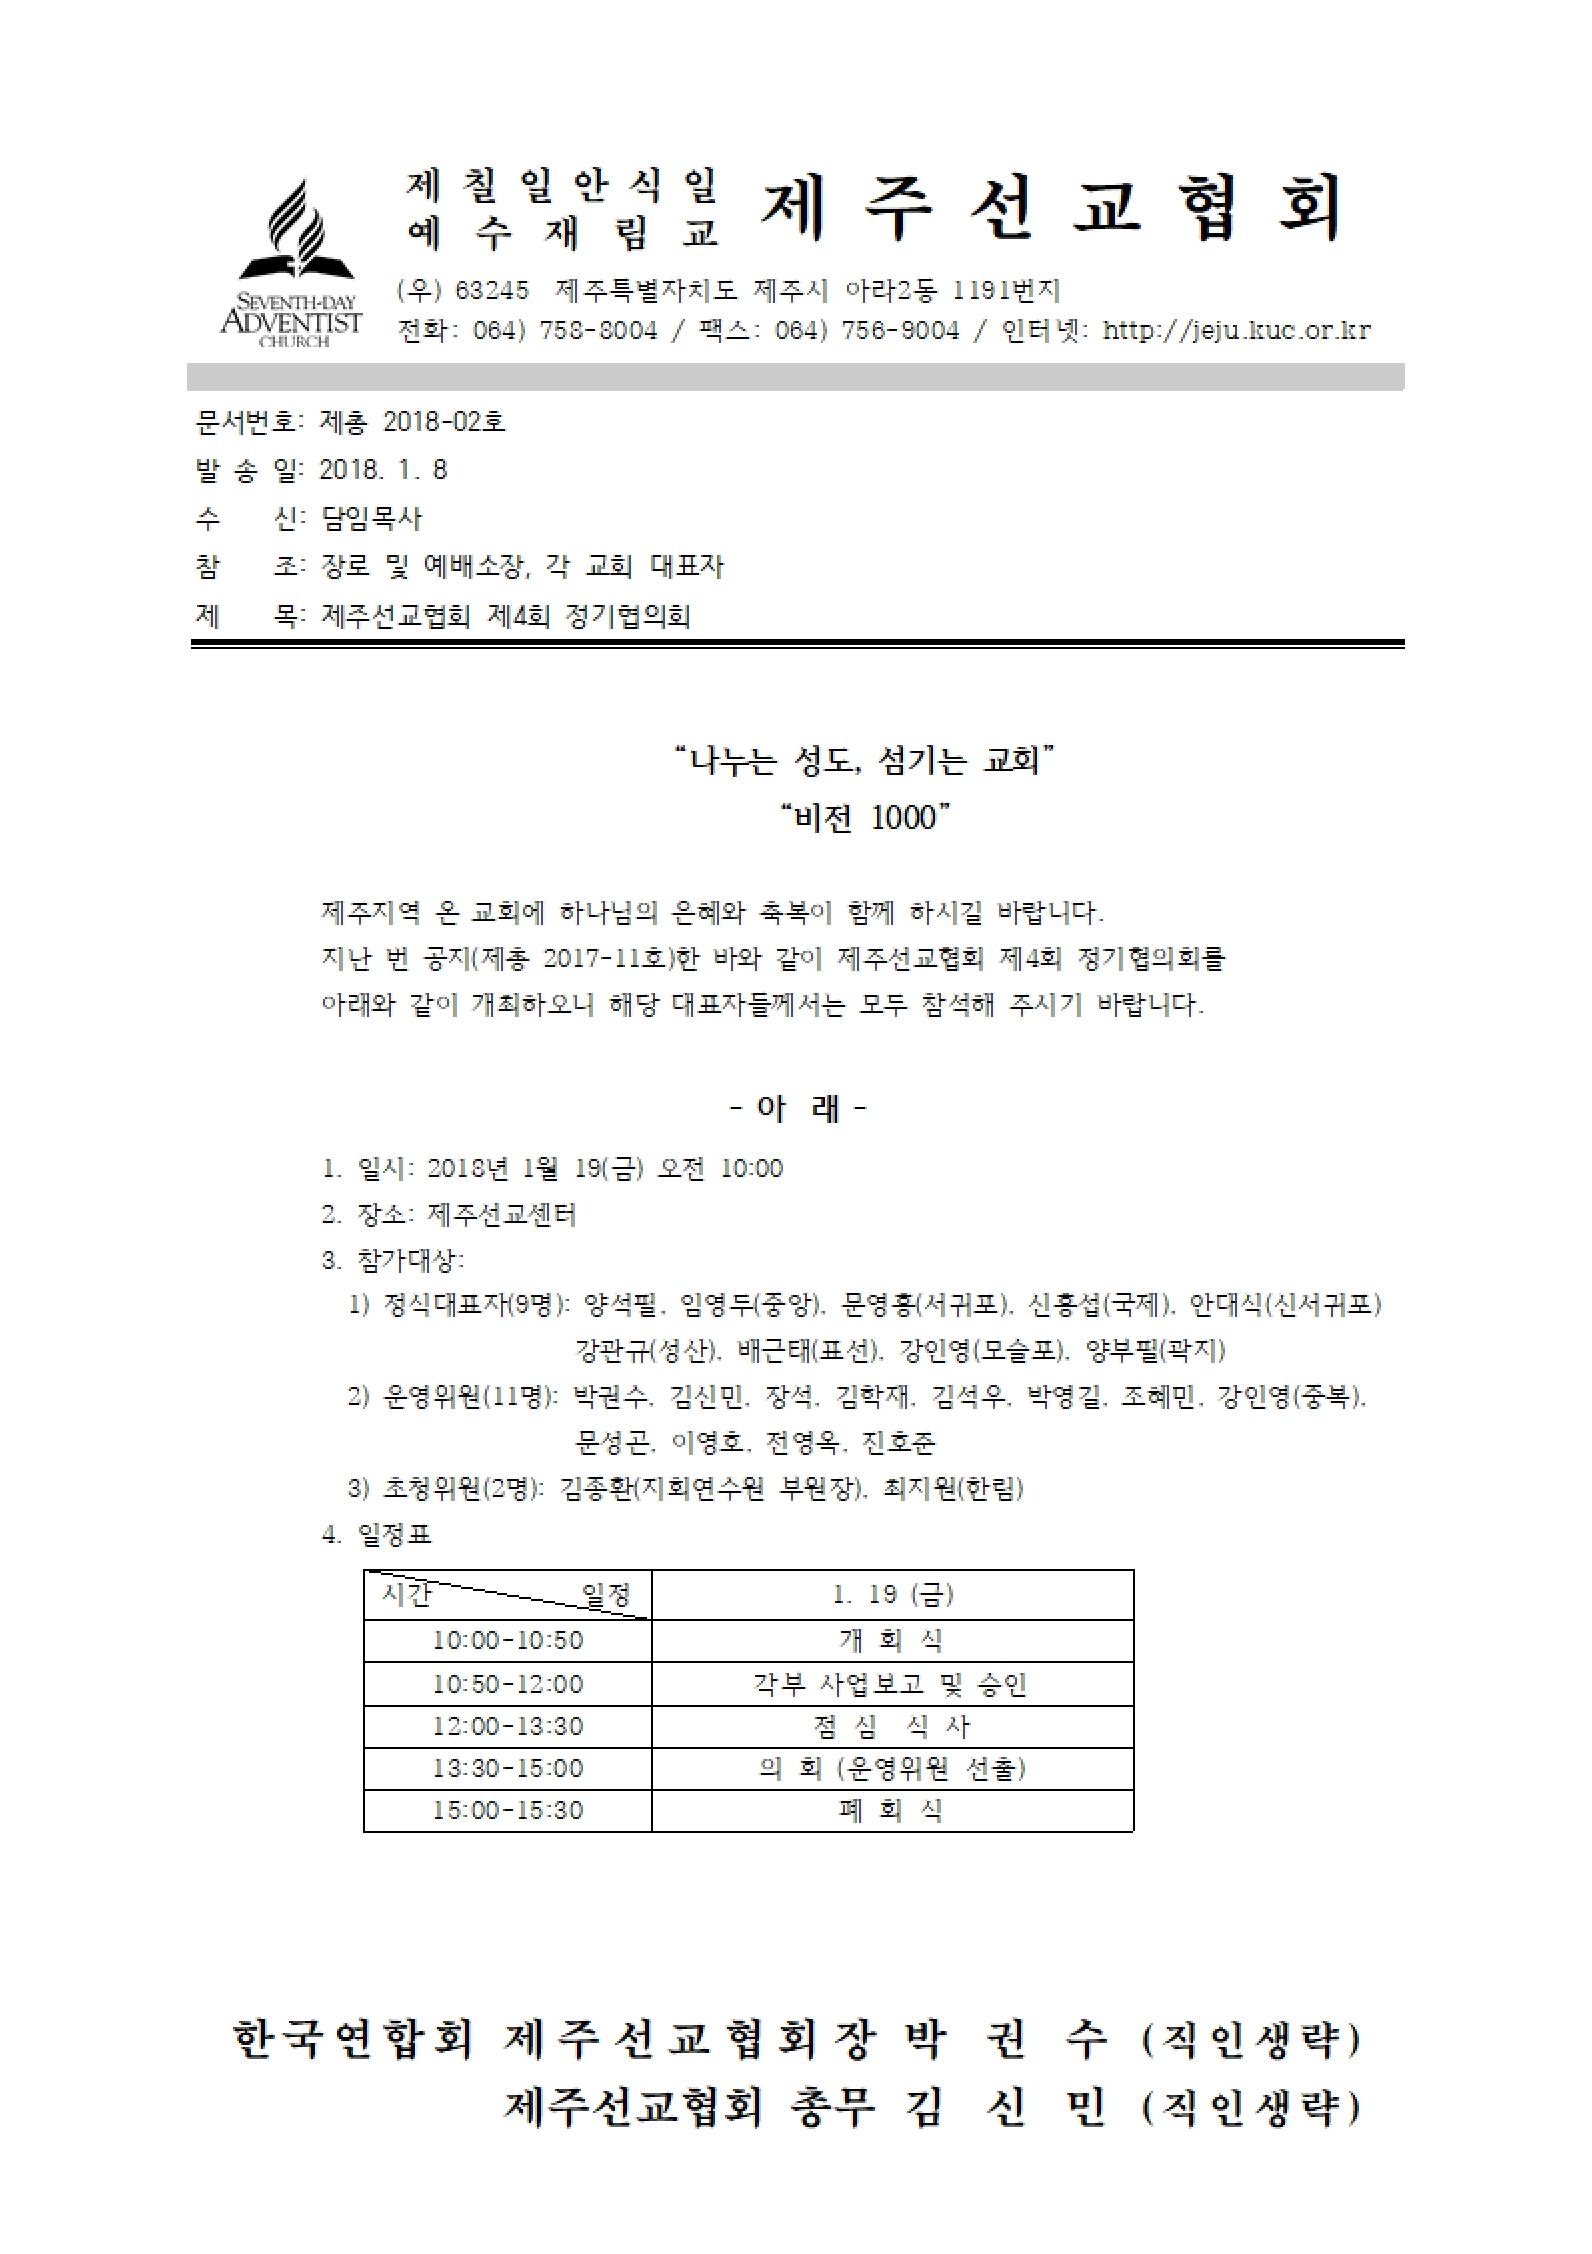 2018-02 제주선교협회 제4회 정기협의회.jpg